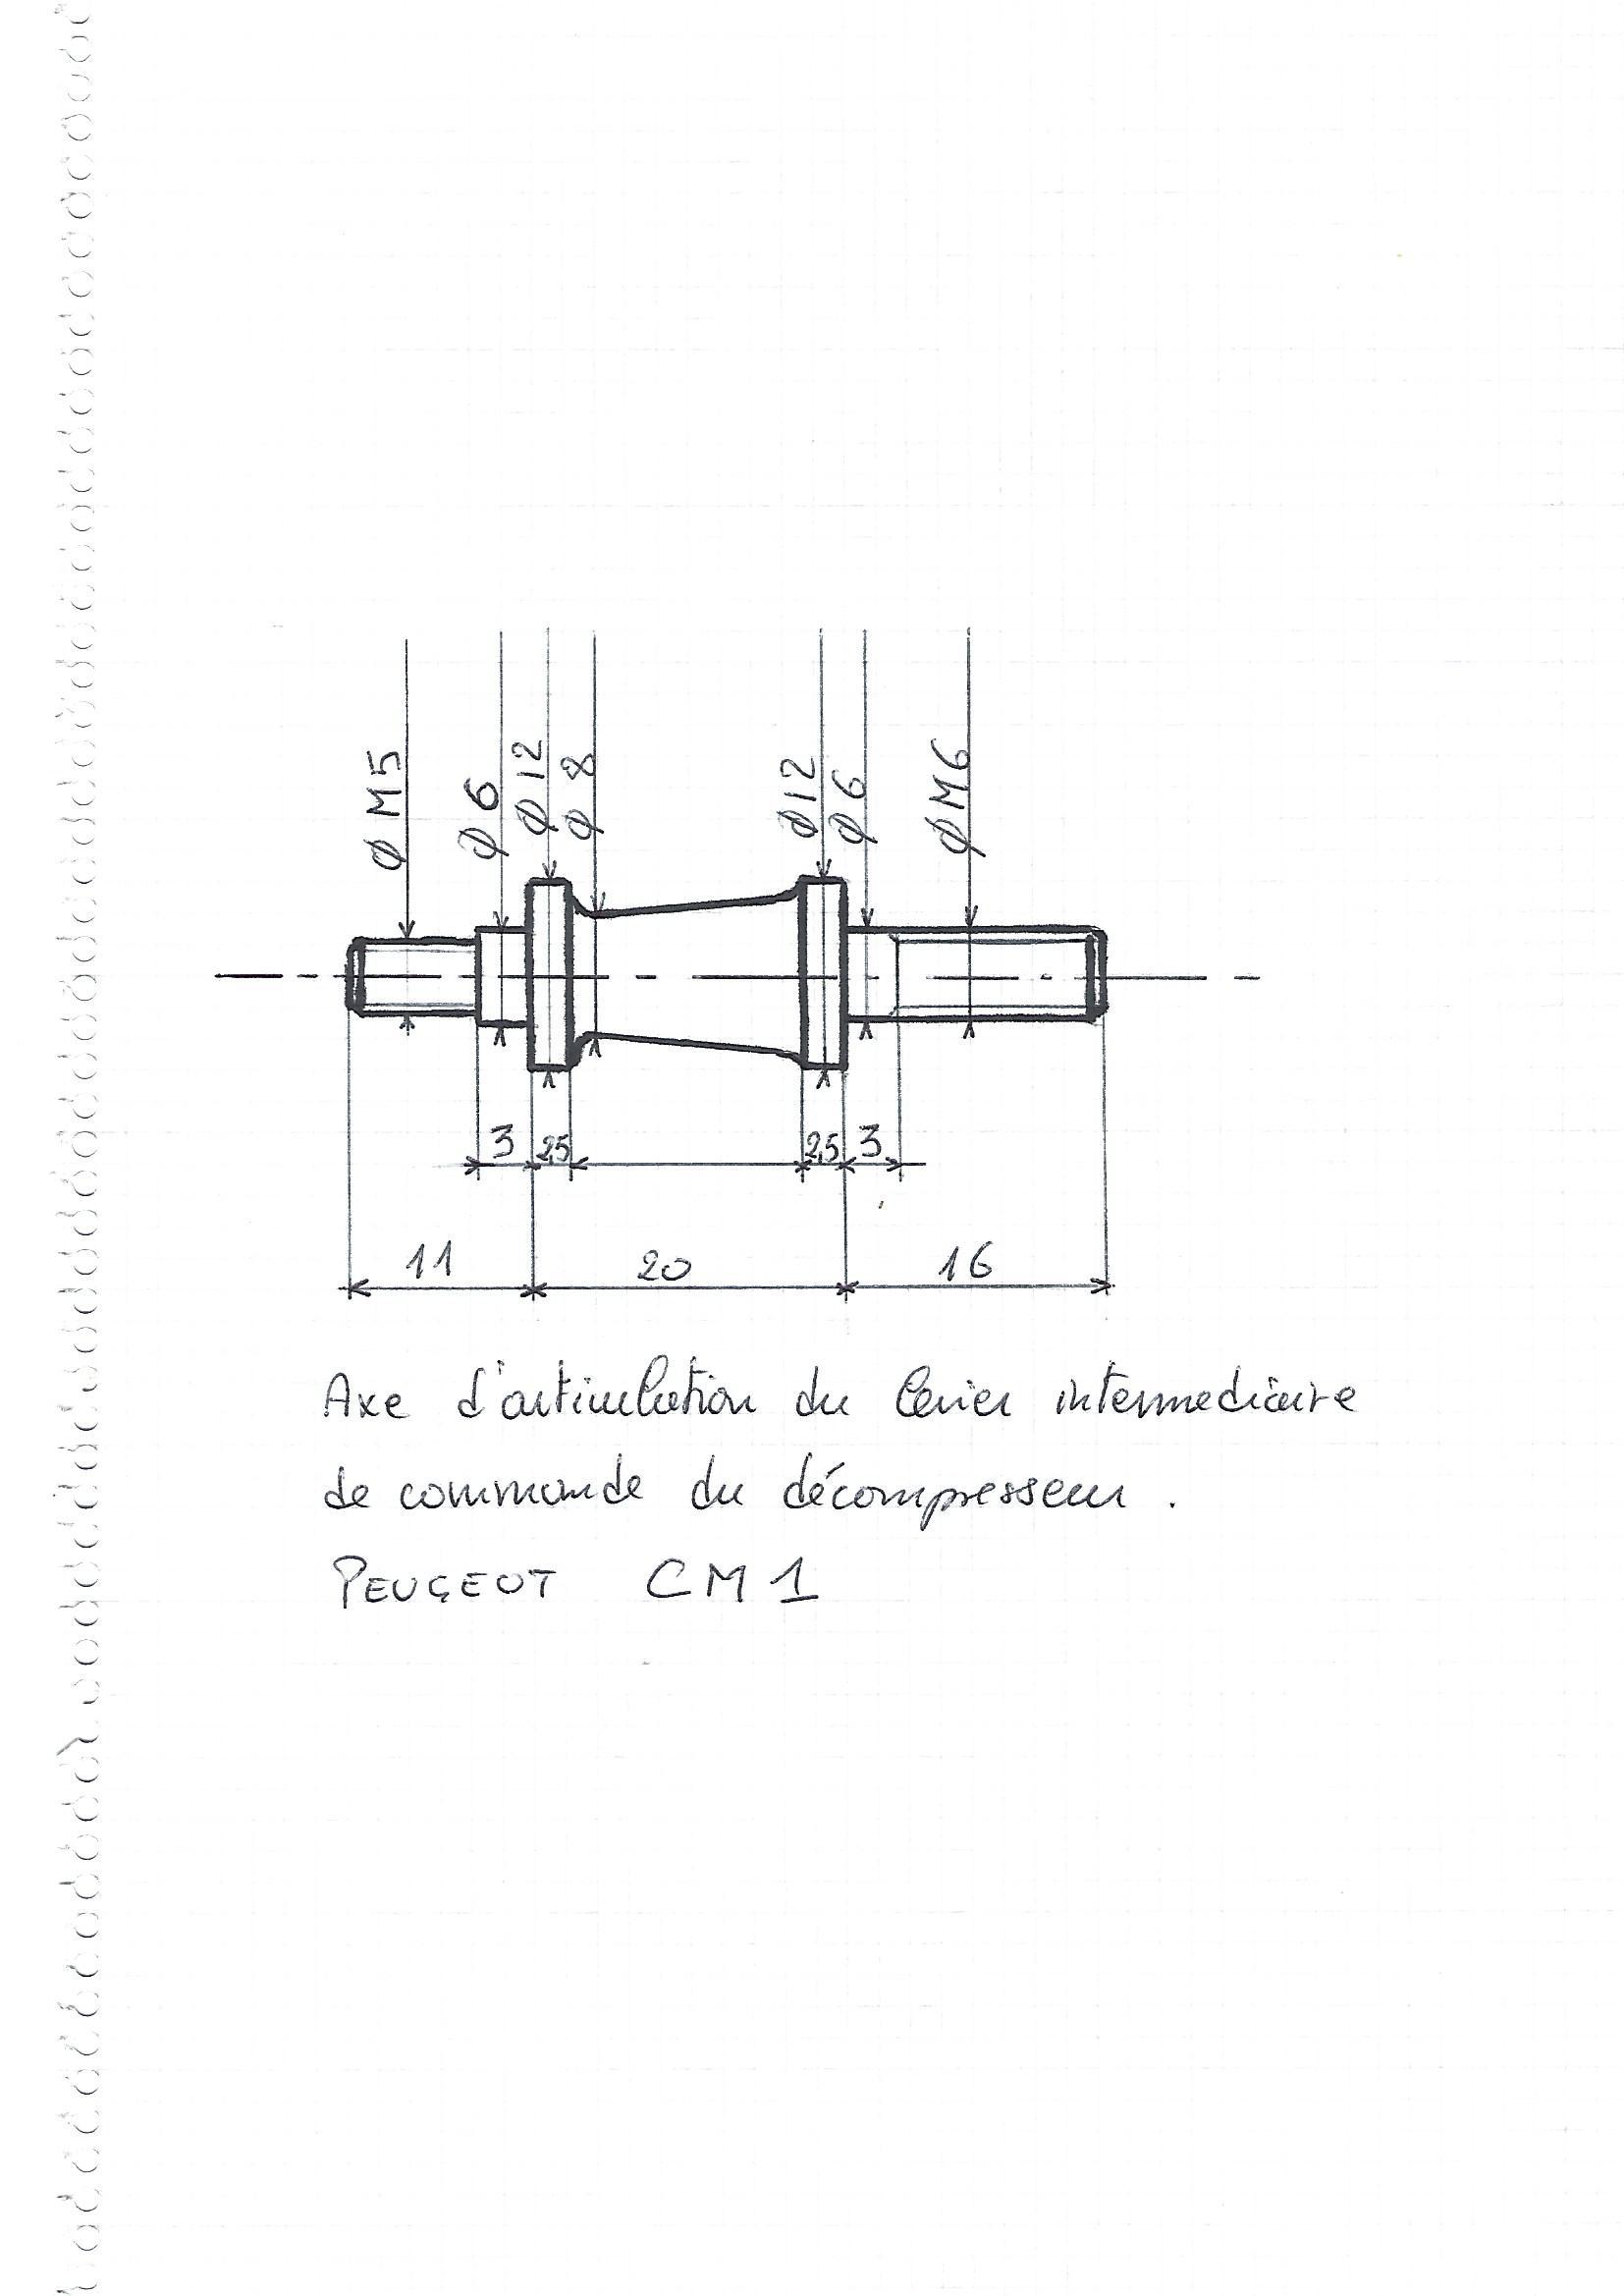 Aiglon CM1 de M.a.t.s - Page 4 18112003051222622416004023